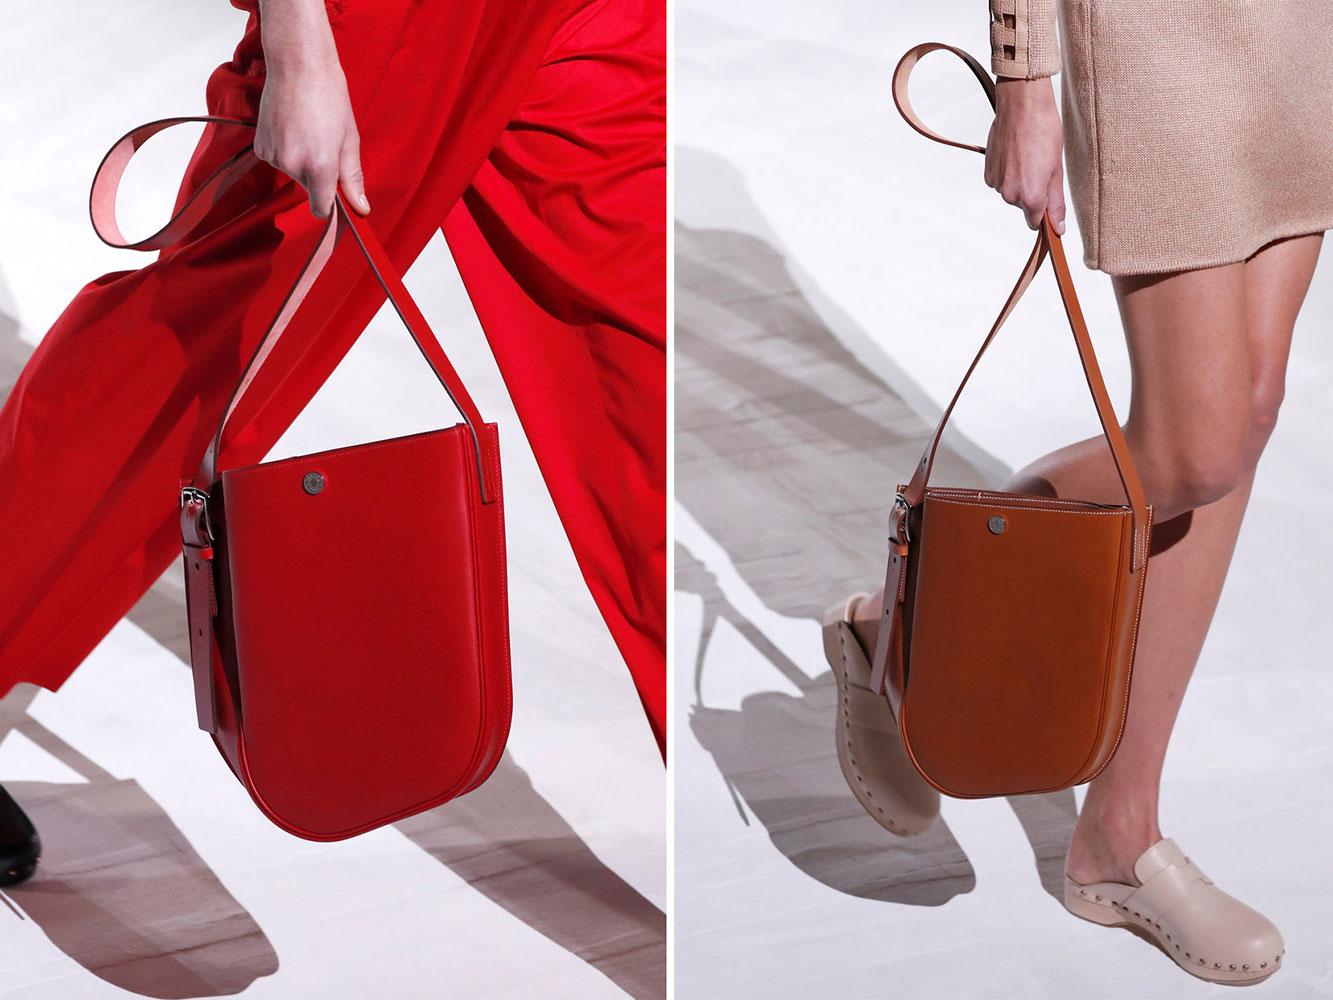 Hermès giới thiệu túi xách Perspective Cavalière mùa Xuân Hè 2021